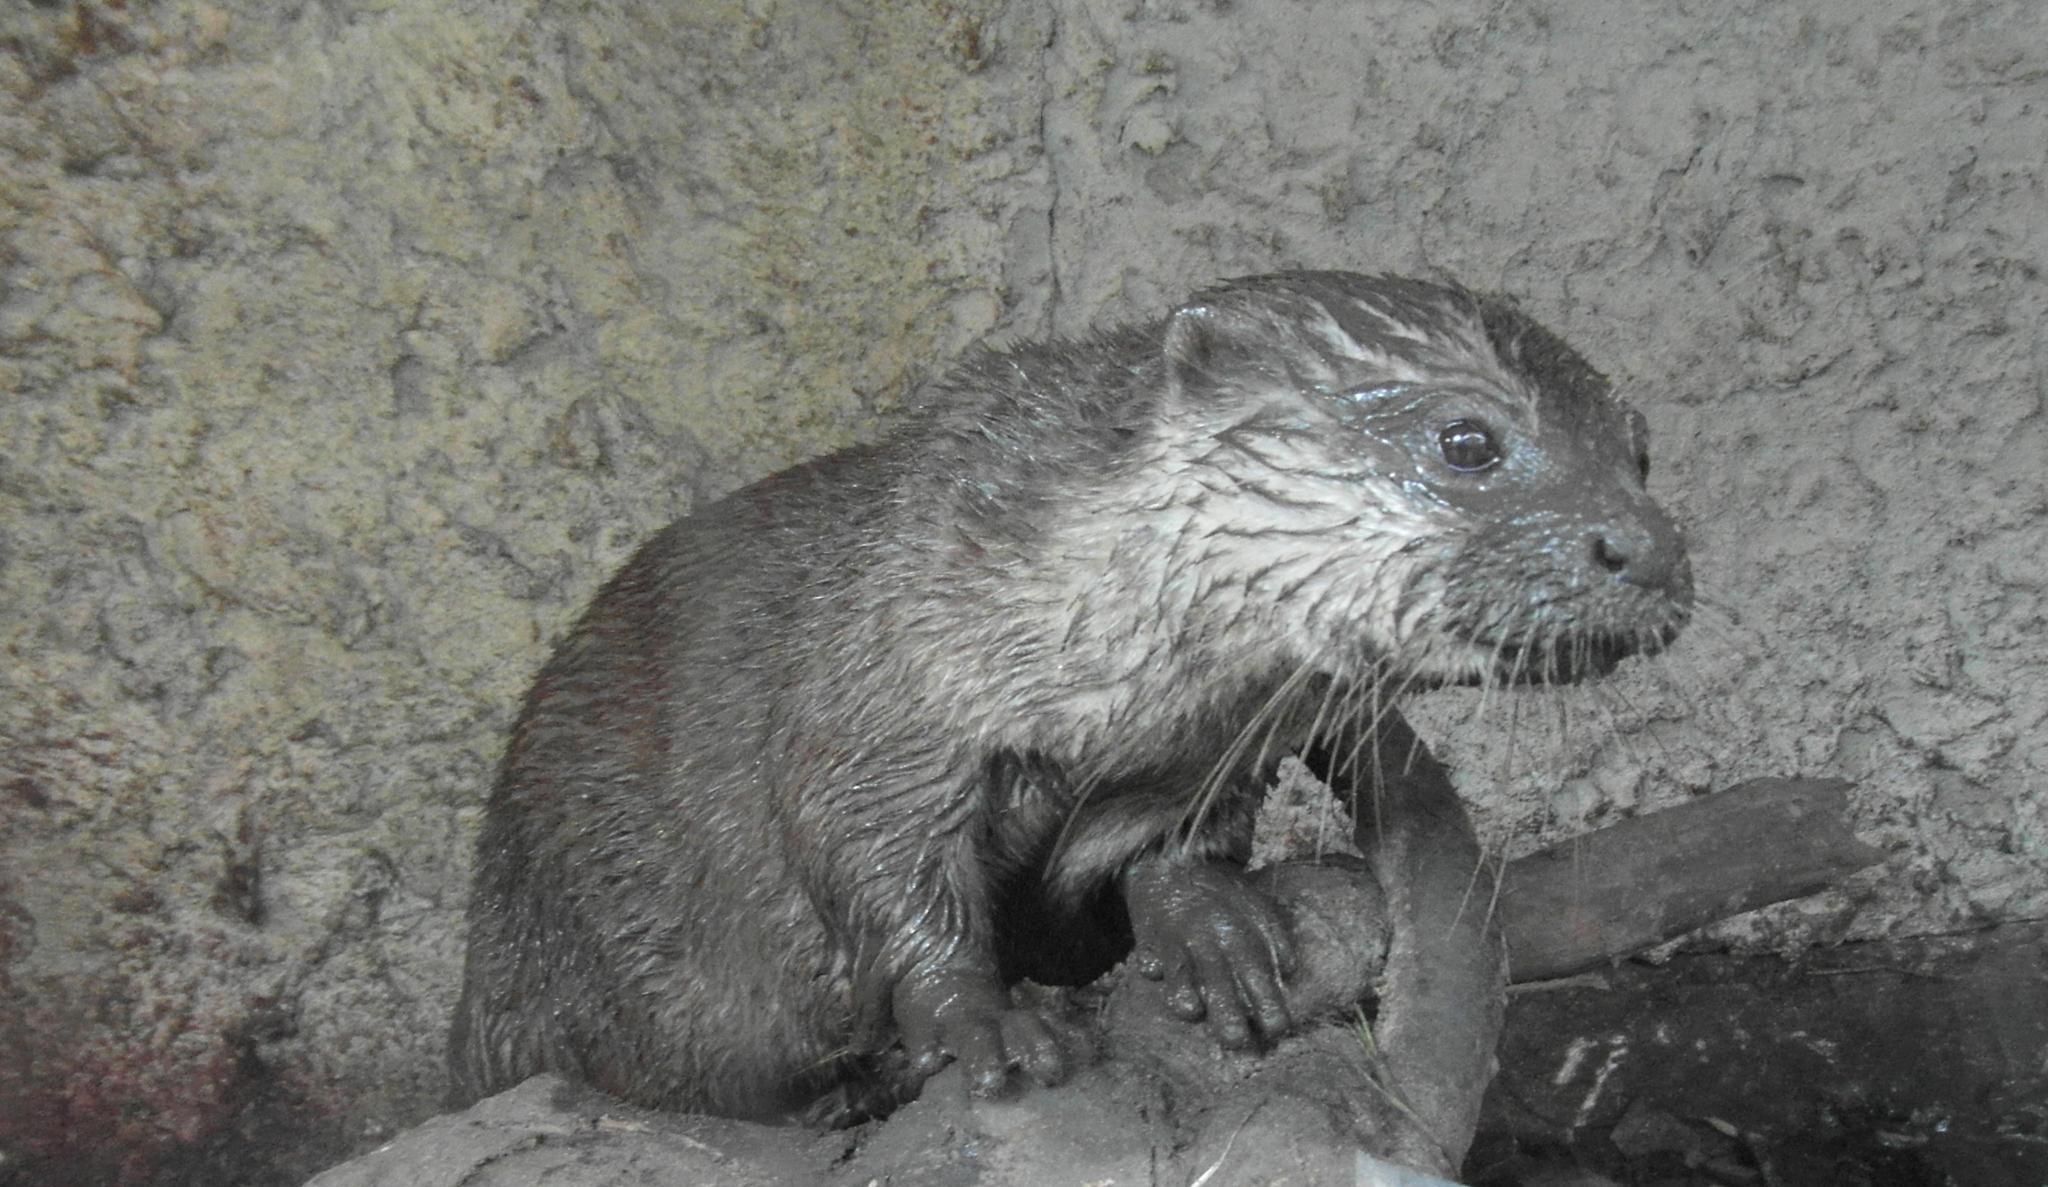 mud covered otter by gineke.sterenborg